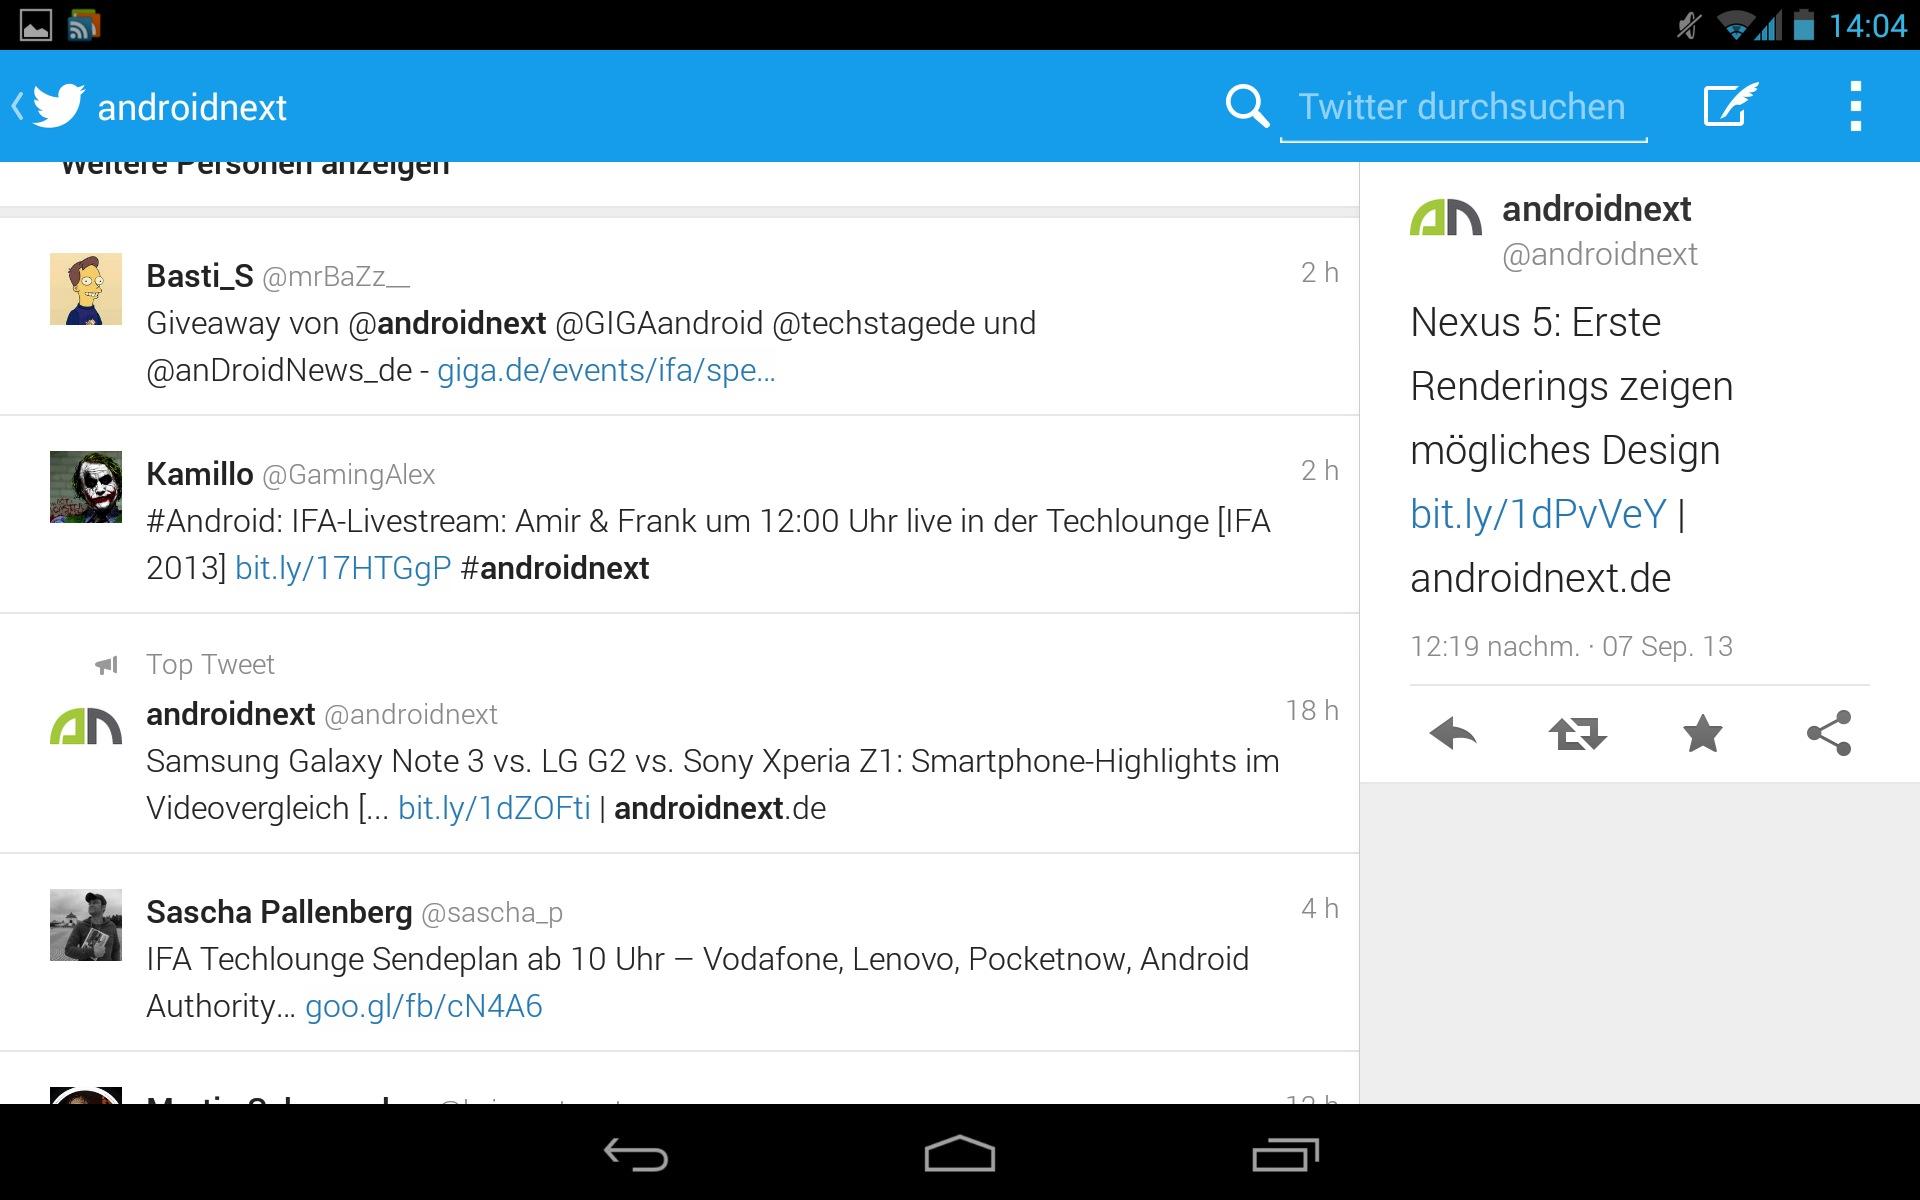 Twitter für Android: Tablet-optimierte Version vom Galaxy Note 10 1